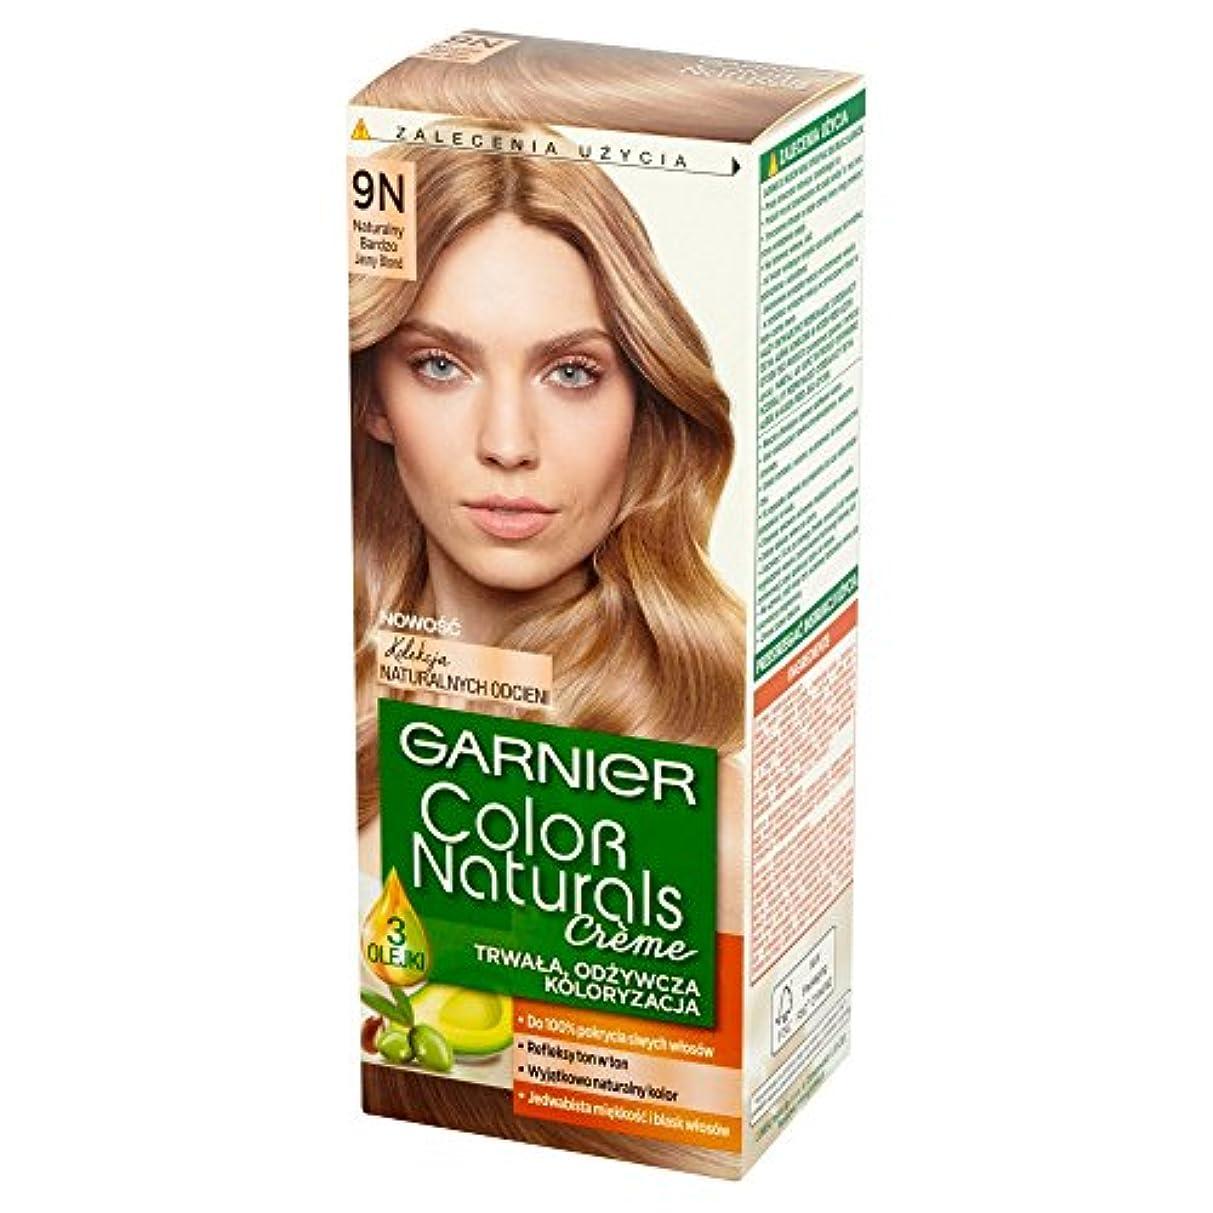 代わって単位難しいロレアル Garnier Color Naturals Creme 9N • Natural Light Blonde ブロンドヘアカラークリーム